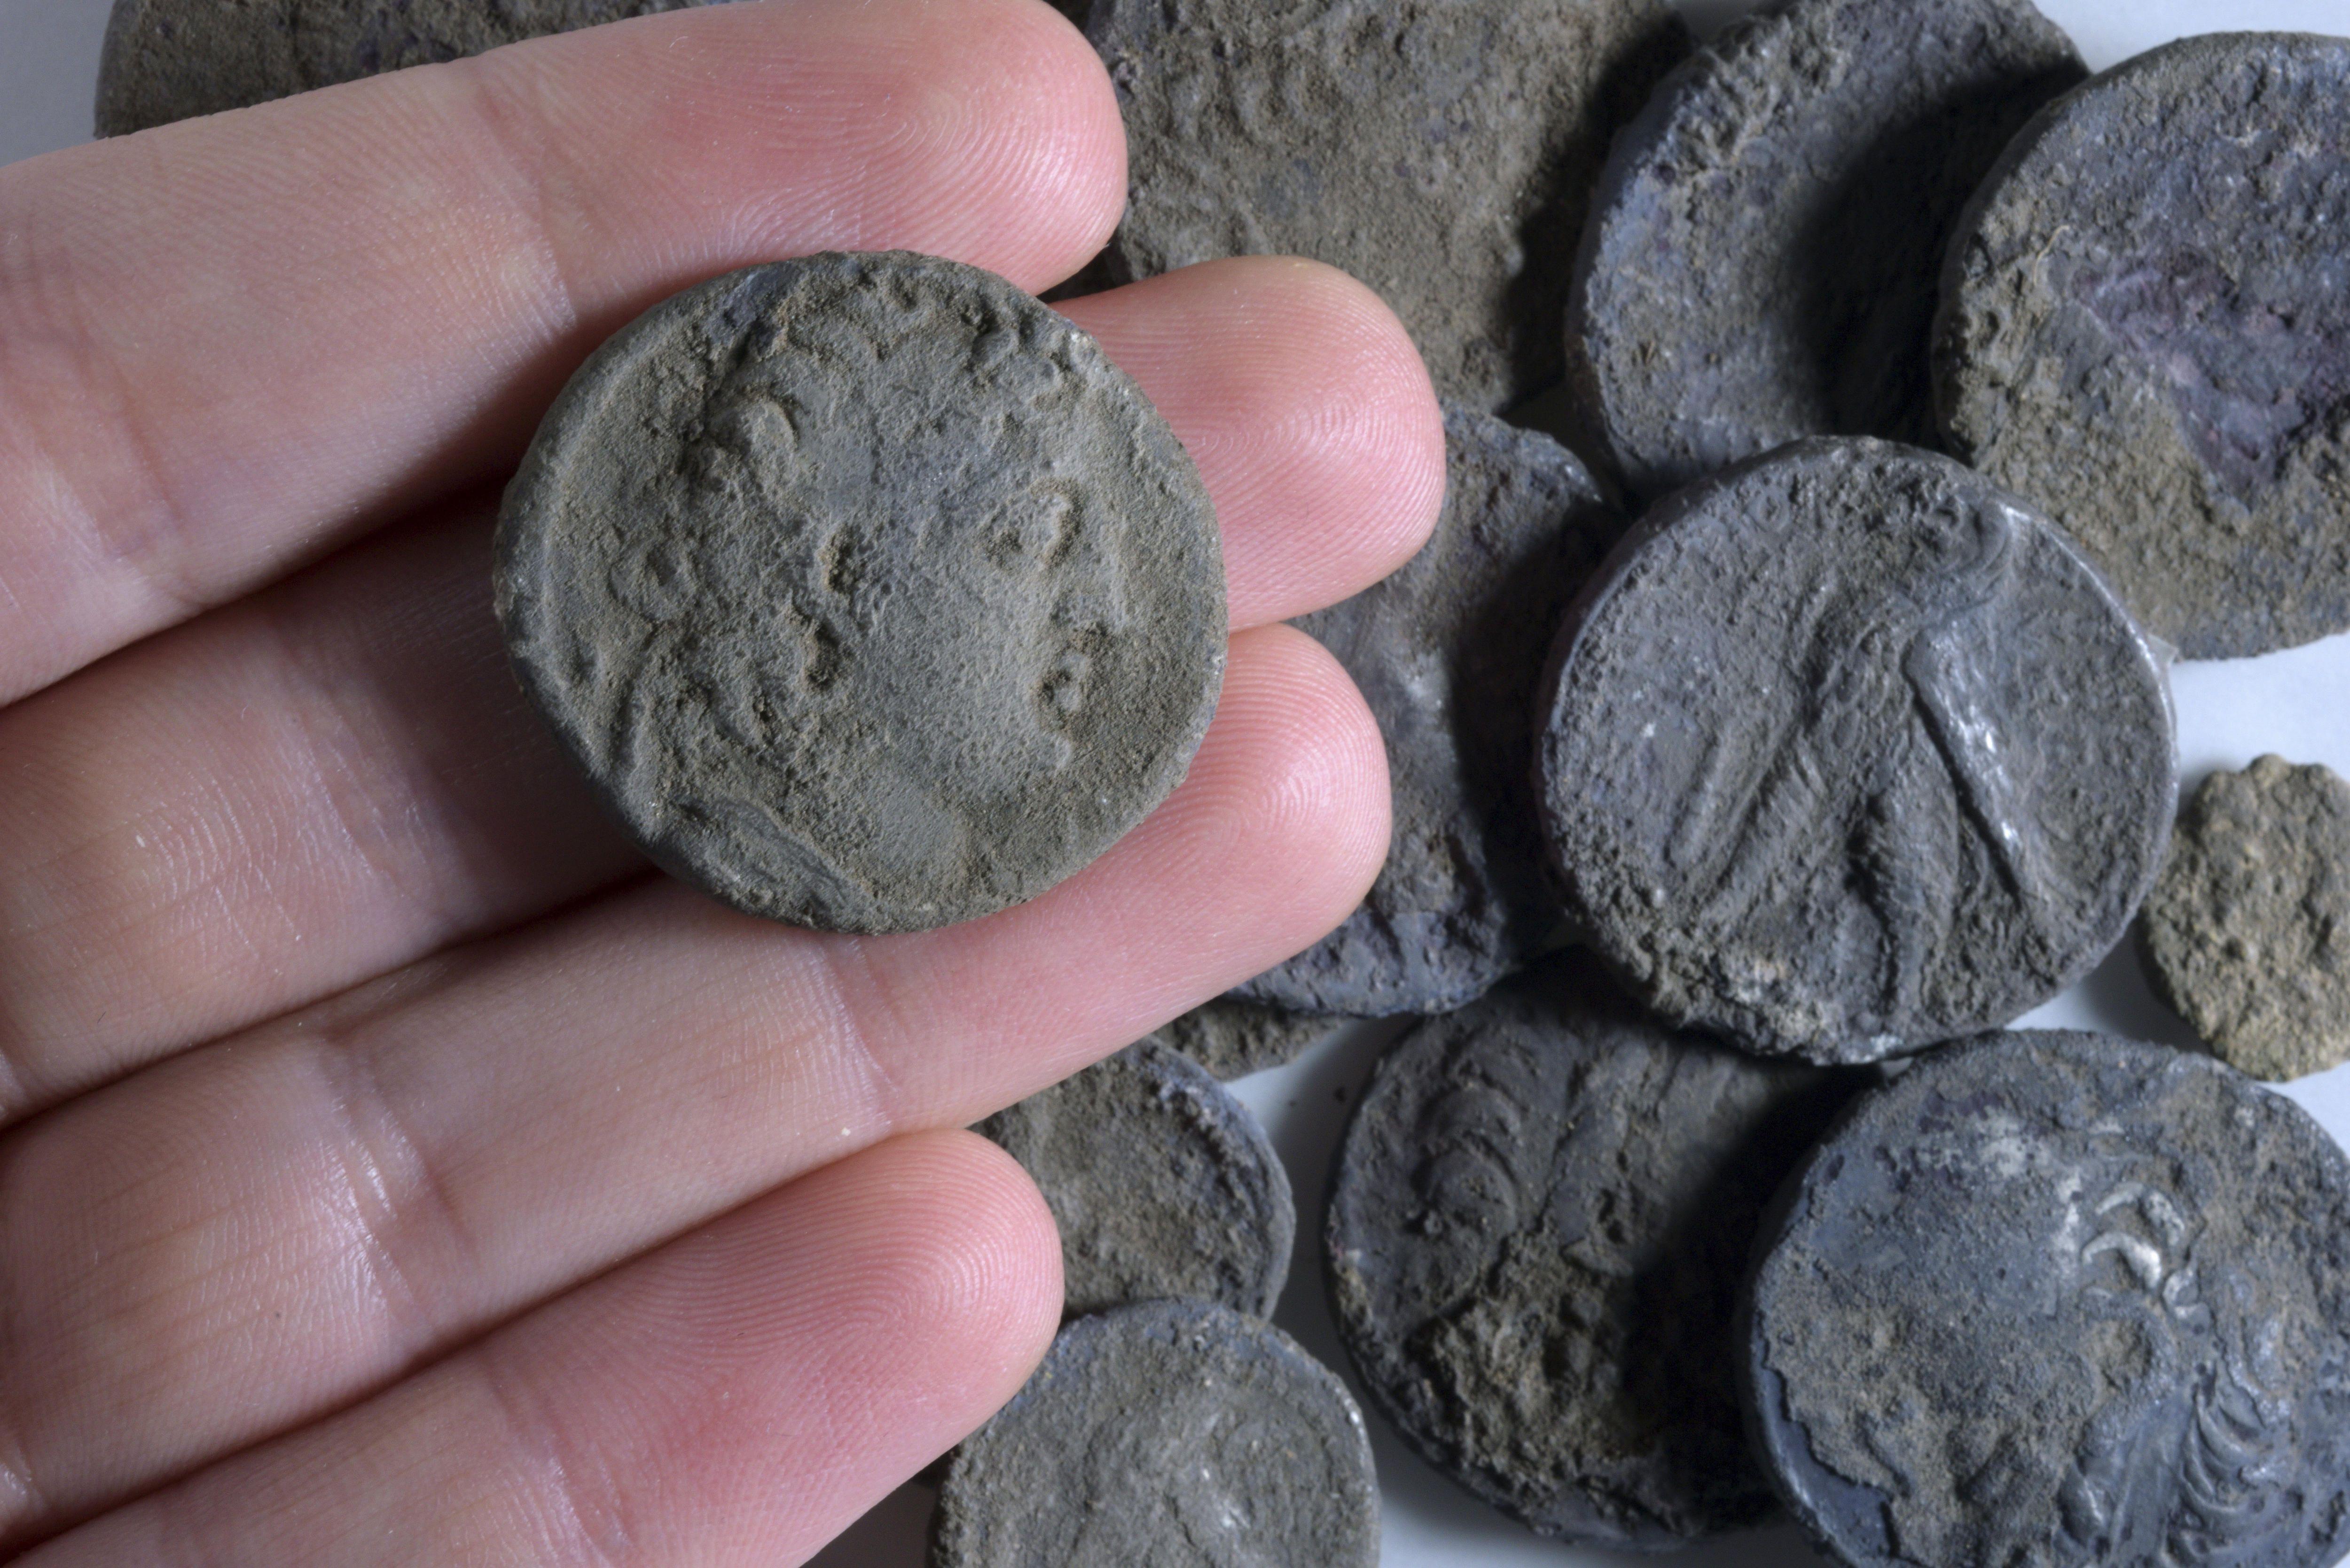 Soprendente hallazgo: construían una ruta y encontraron unas valiosas monedas